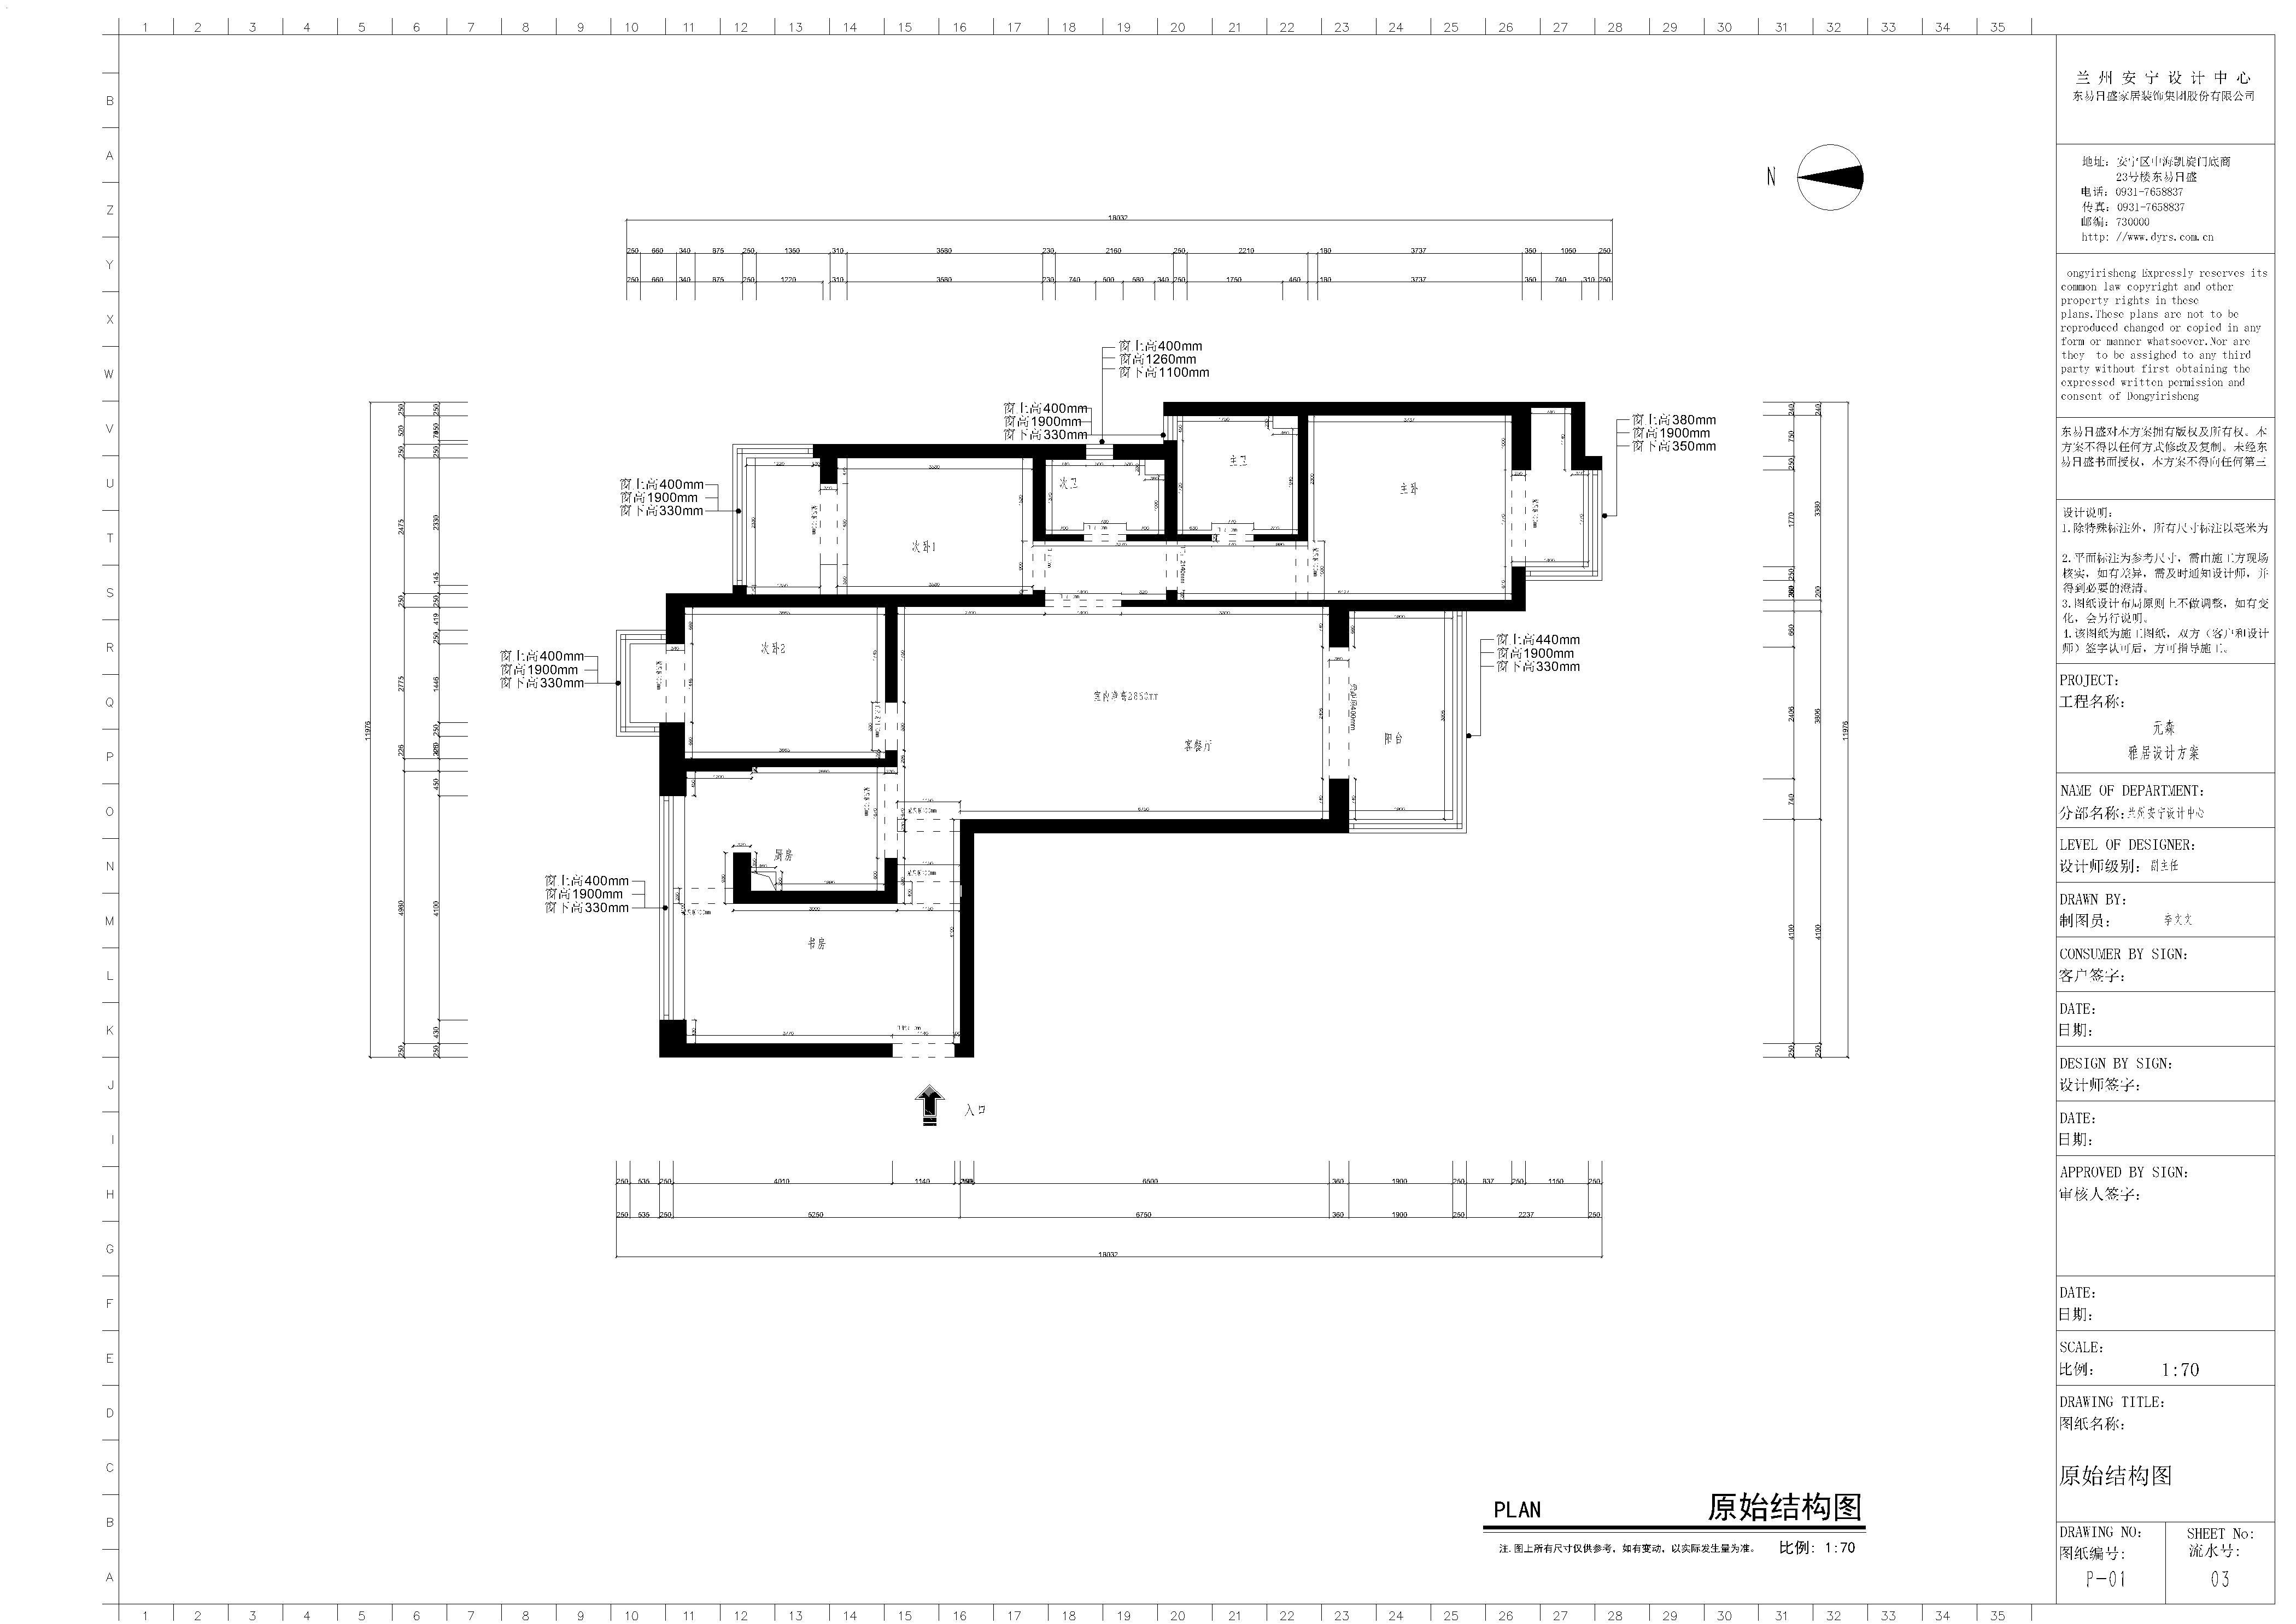 元森北新时代-146平米-新中式风格装修案例效果图装修设计理念